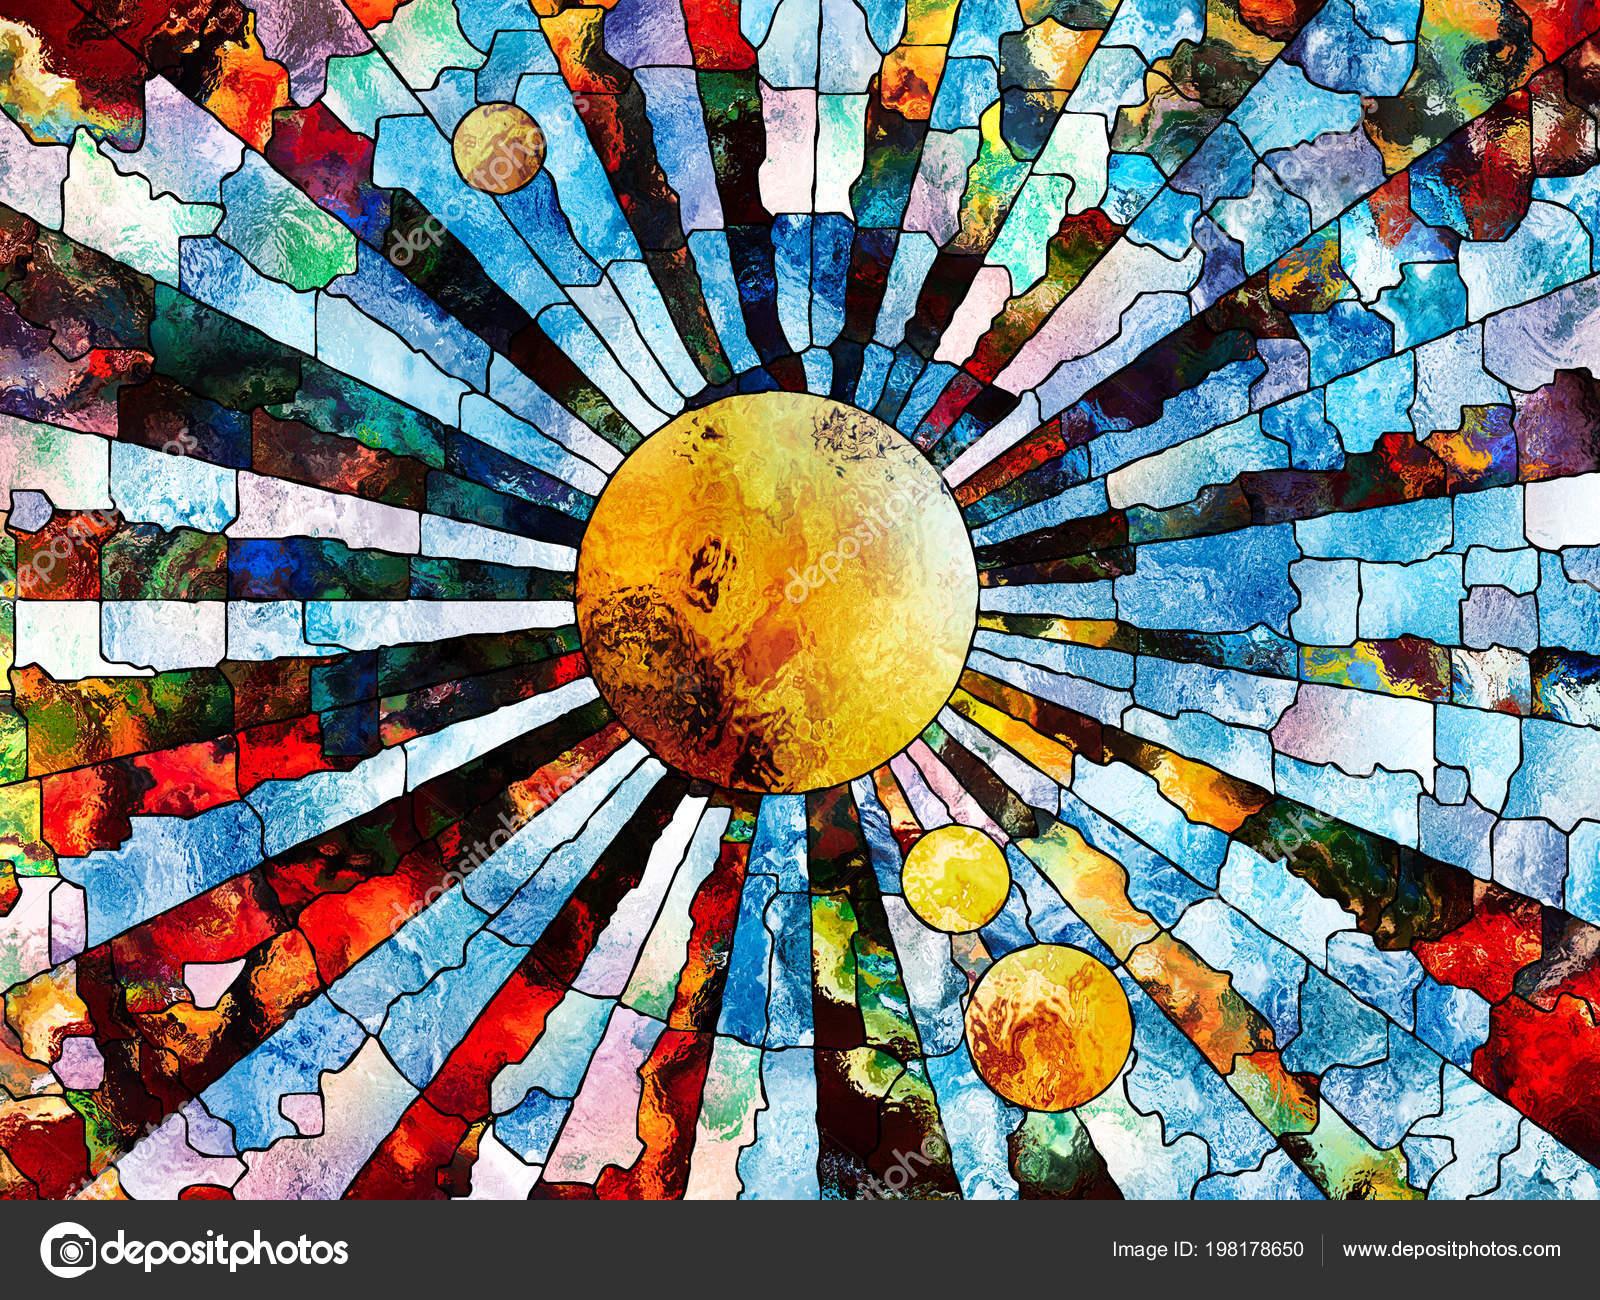 52696770fa1afe Série de vitraux pour toujours. Planète stylisée exécuté avec style  mosaïque sur le thème de l'éducation, la science, l'astronomie et la Nature  — Image de ...